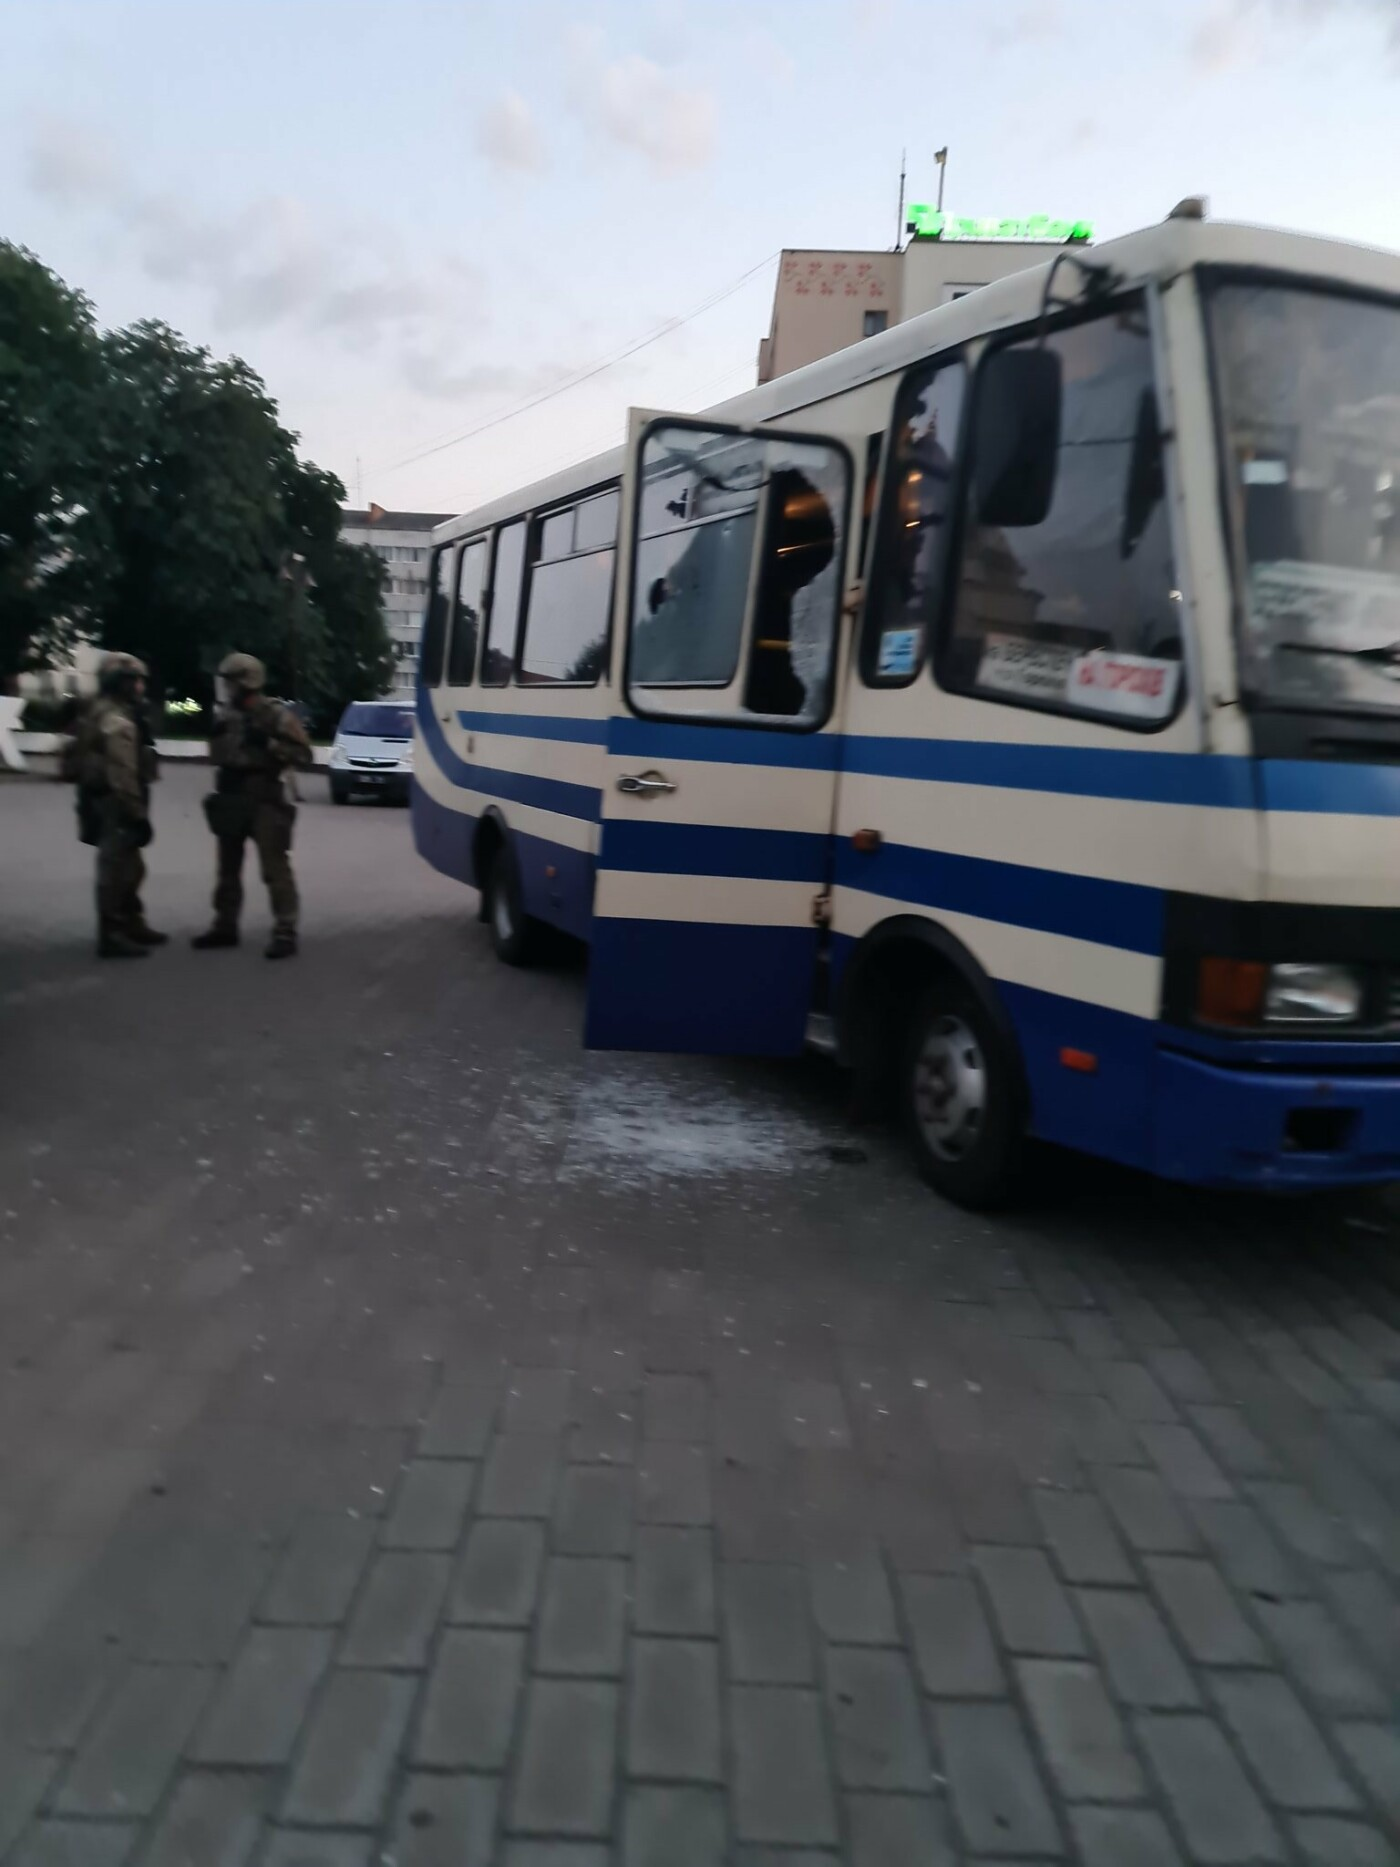 Захоплення людей у Луцьку: терориста затримали, з автобуса виходять заручники, фото-2